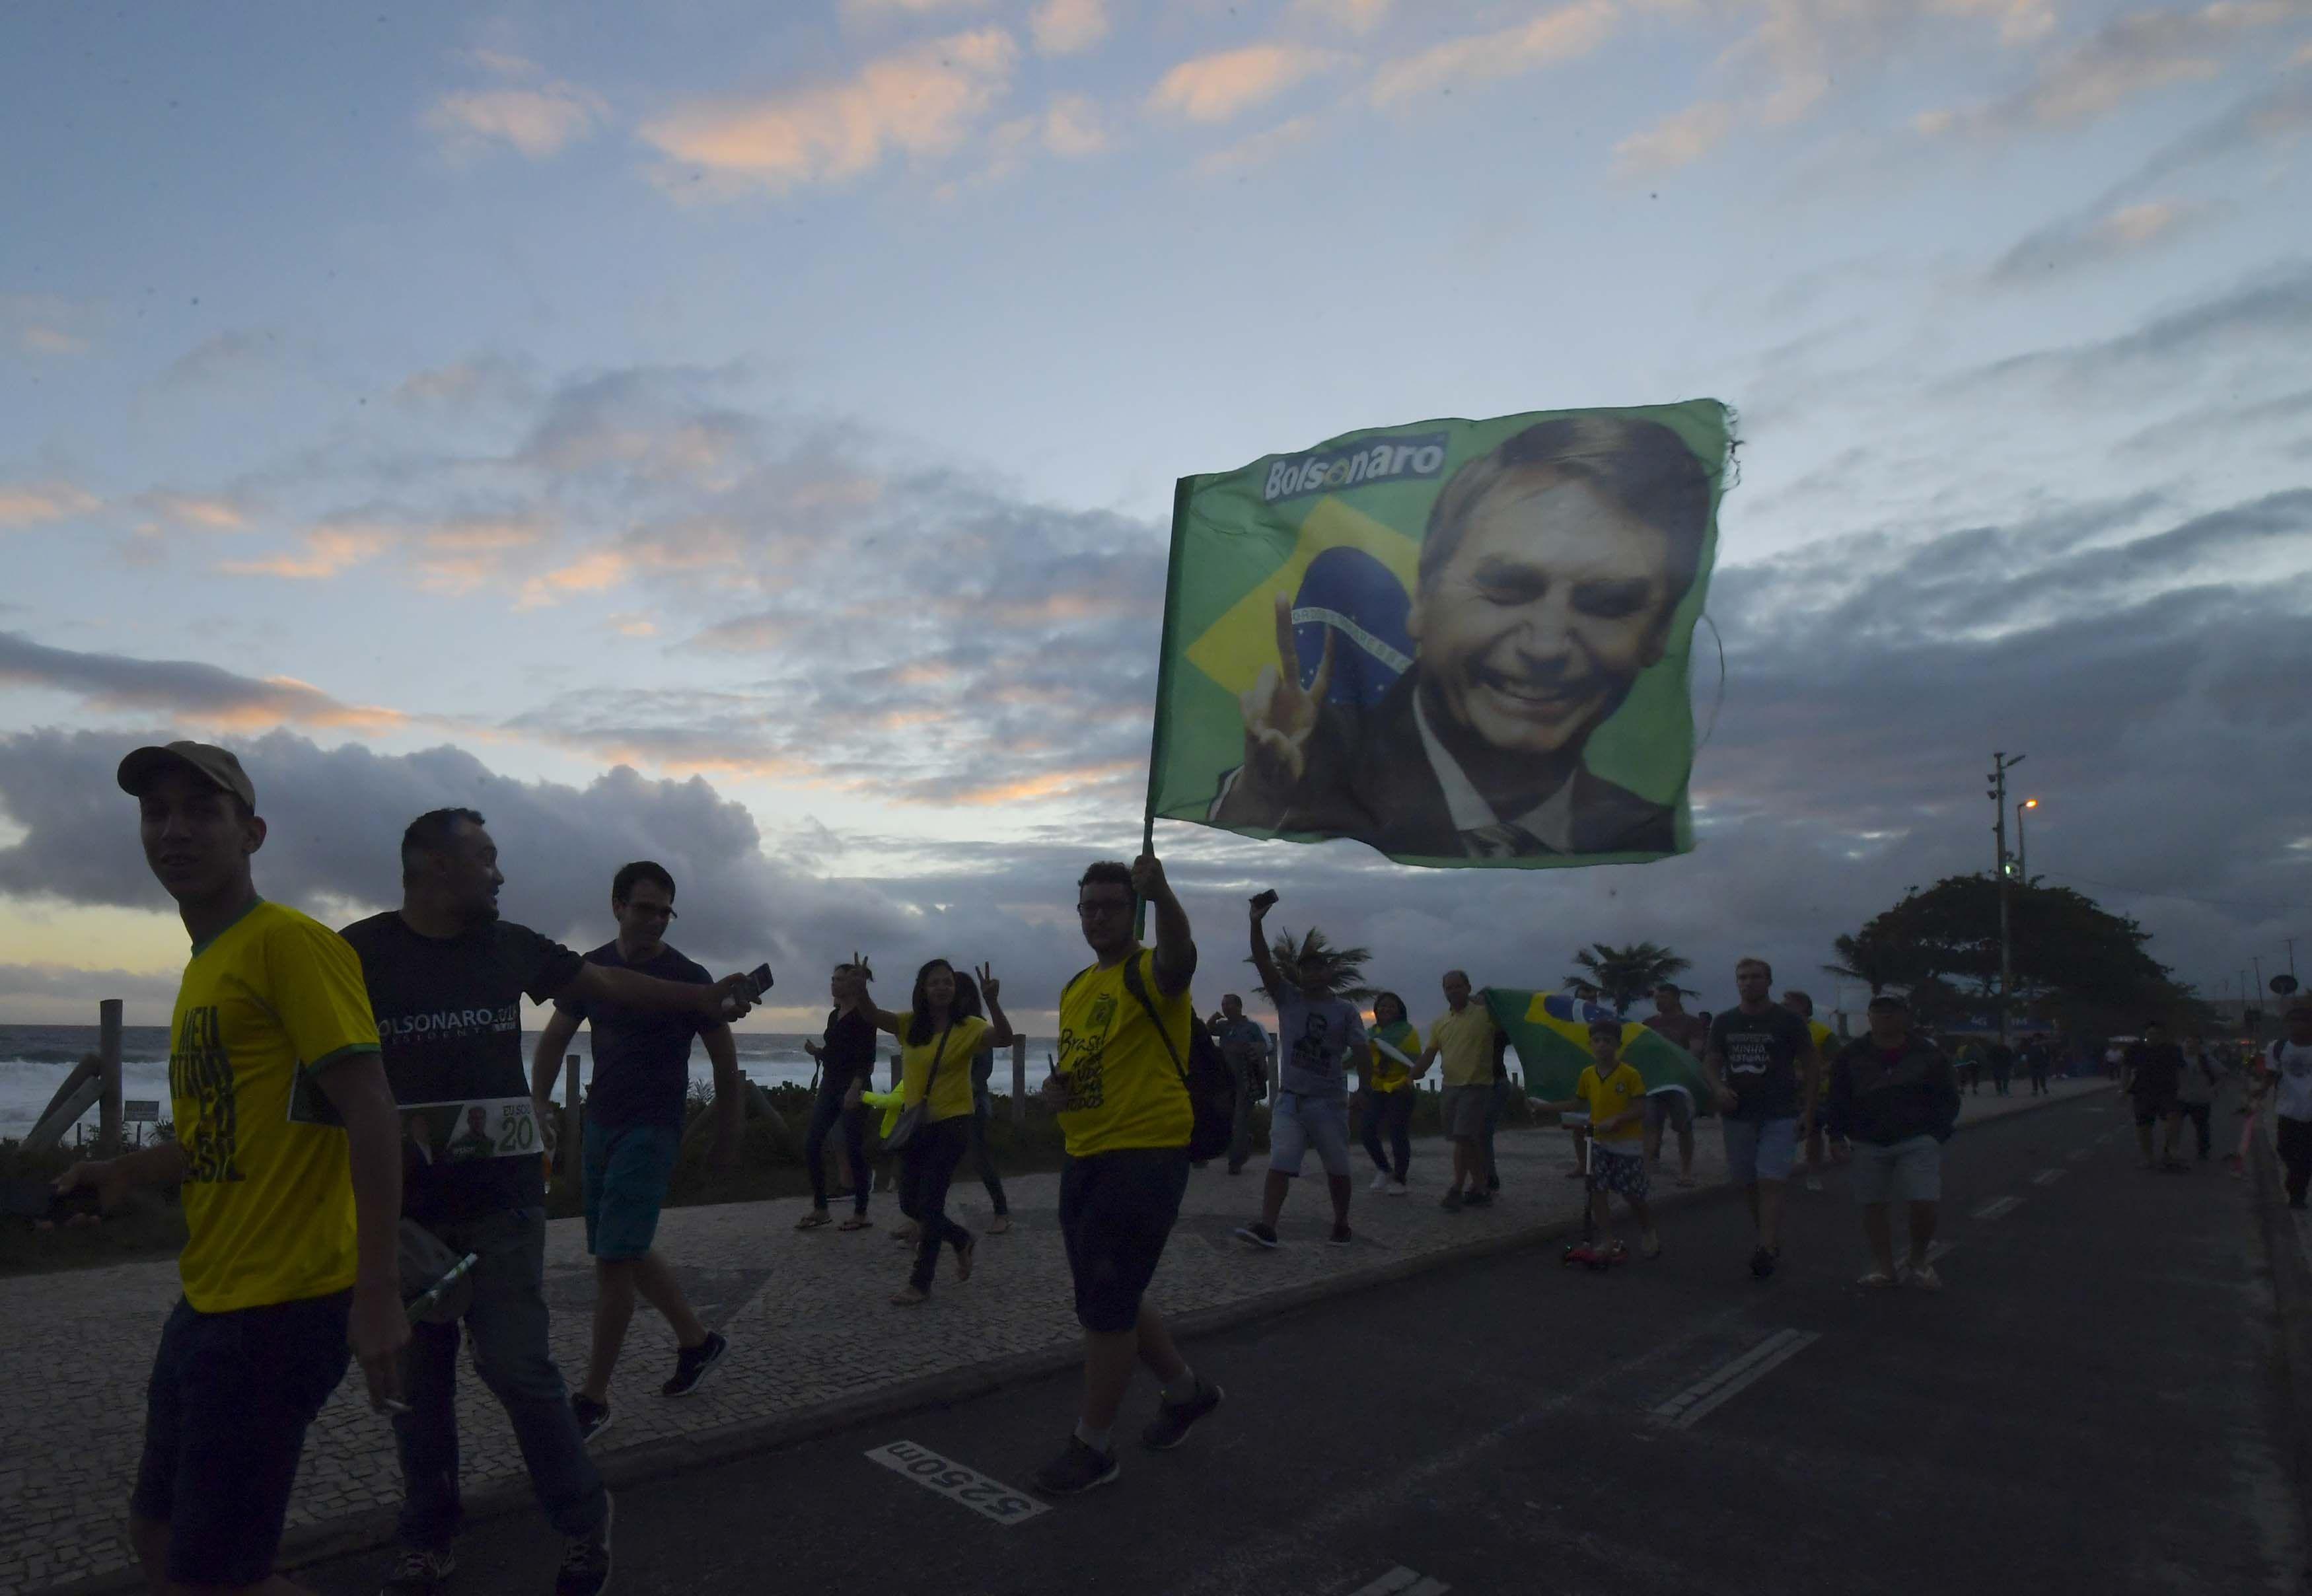 A horas de la asunción de Bolsonaro, la policía de Brasil realizó allanamientos por amenazas